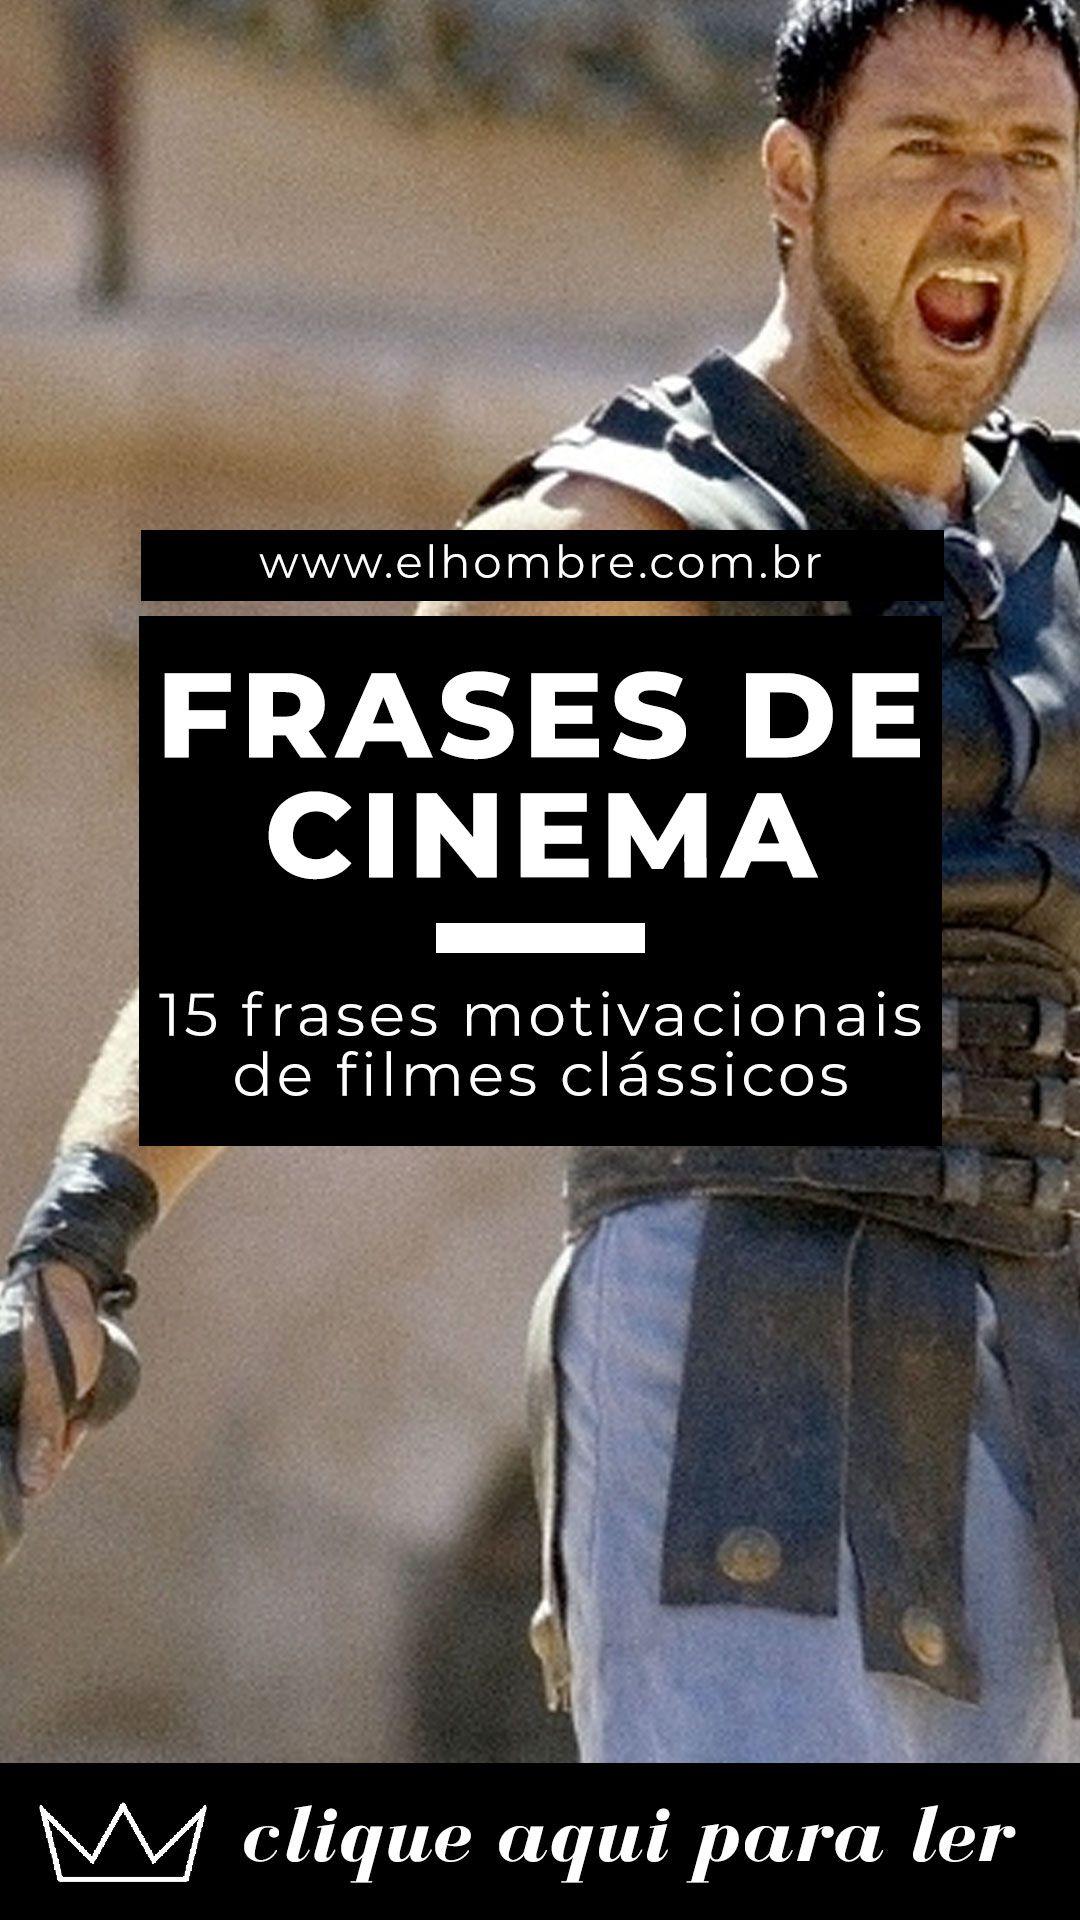 15 Frases Inspiradoras E Clássicas Da História Do Cinema